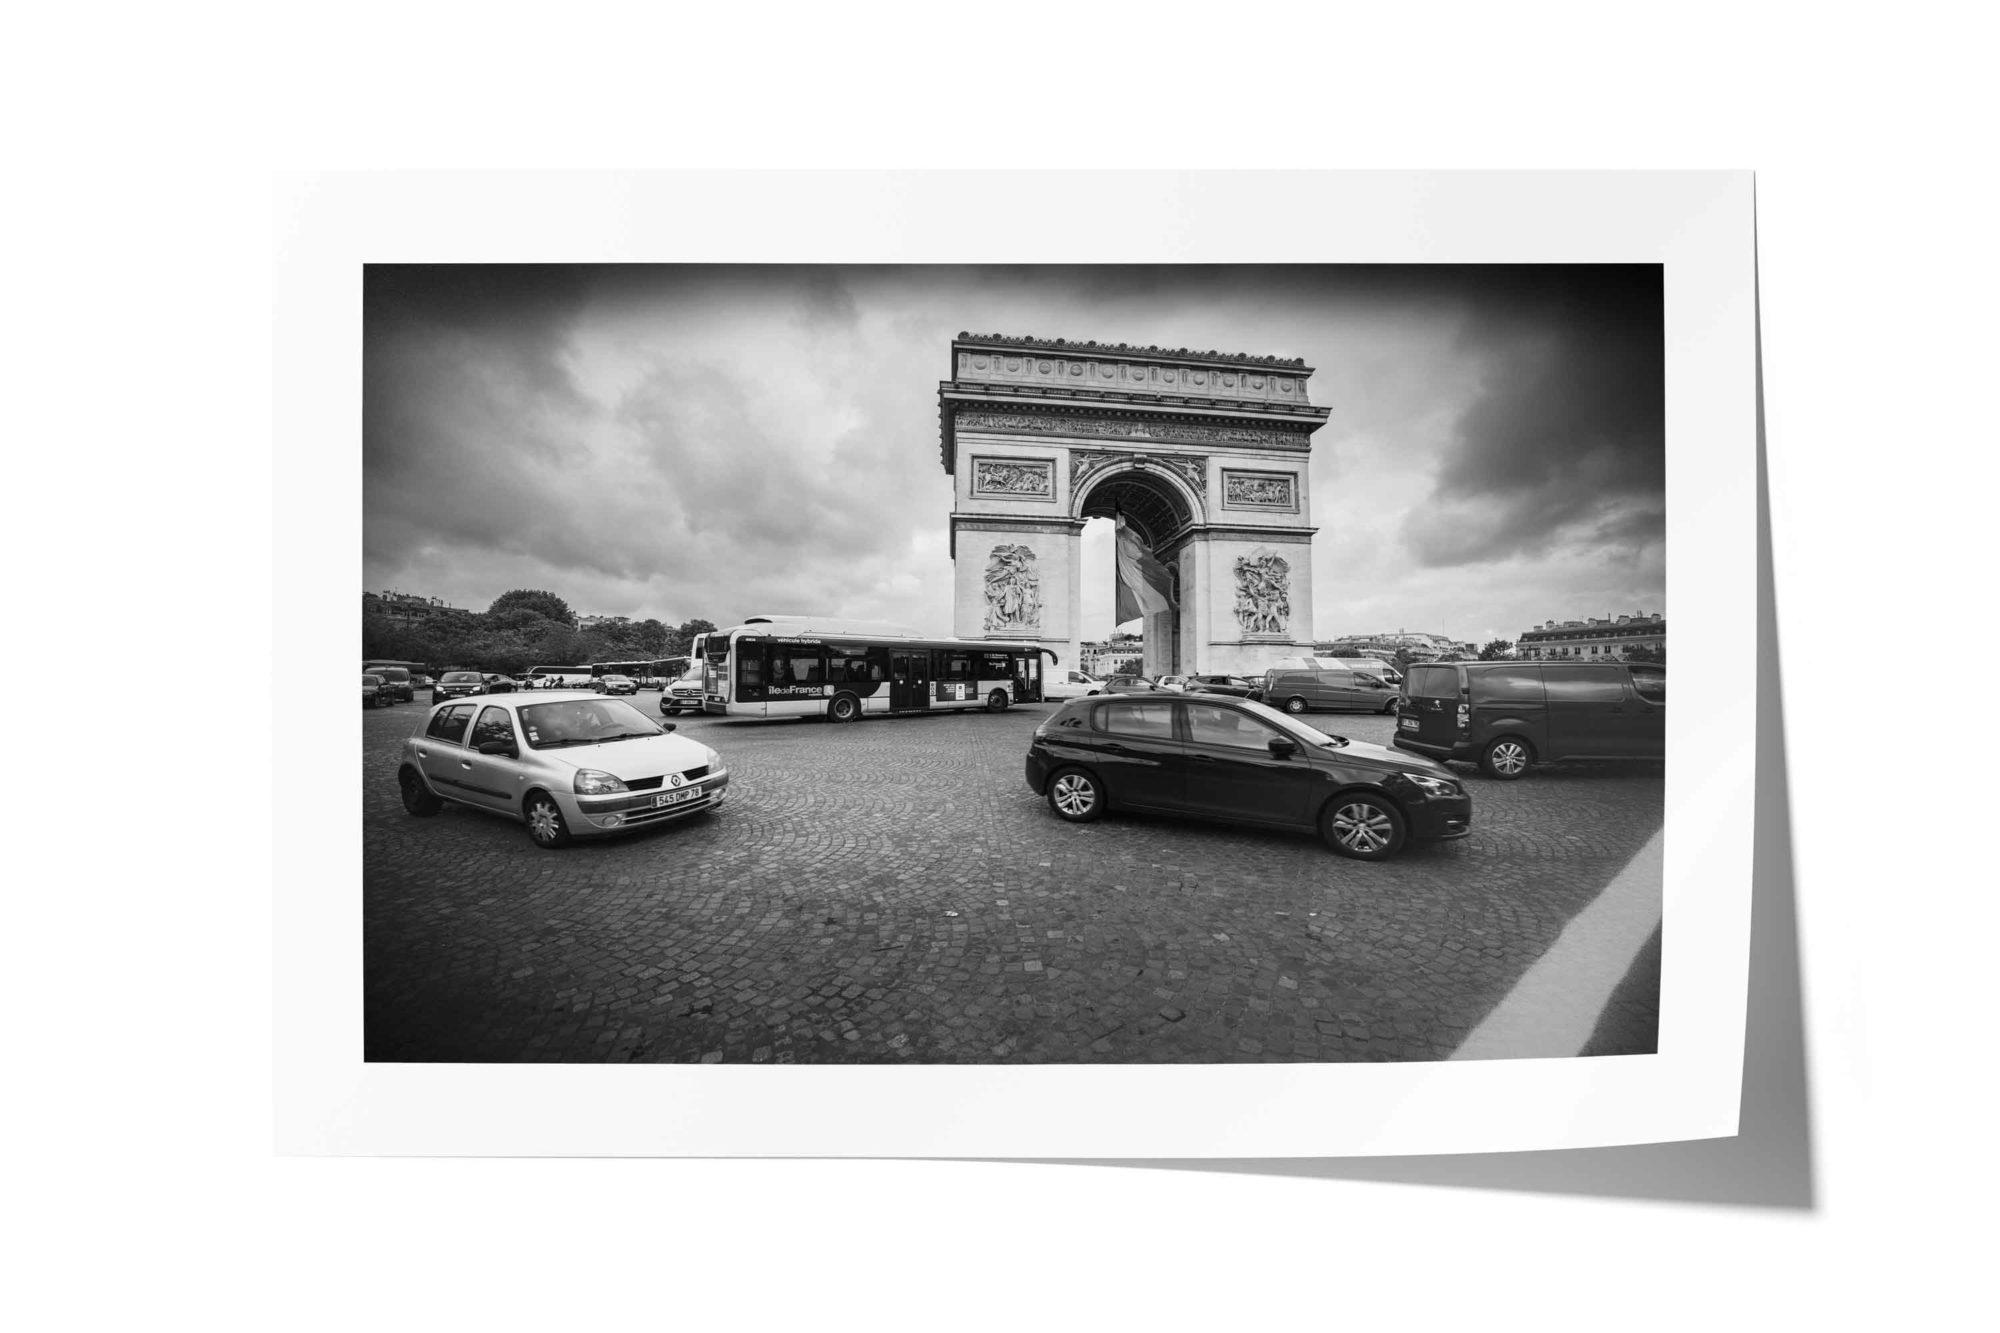 Champs-Élysées, Arc de Triomphe, Paris, France